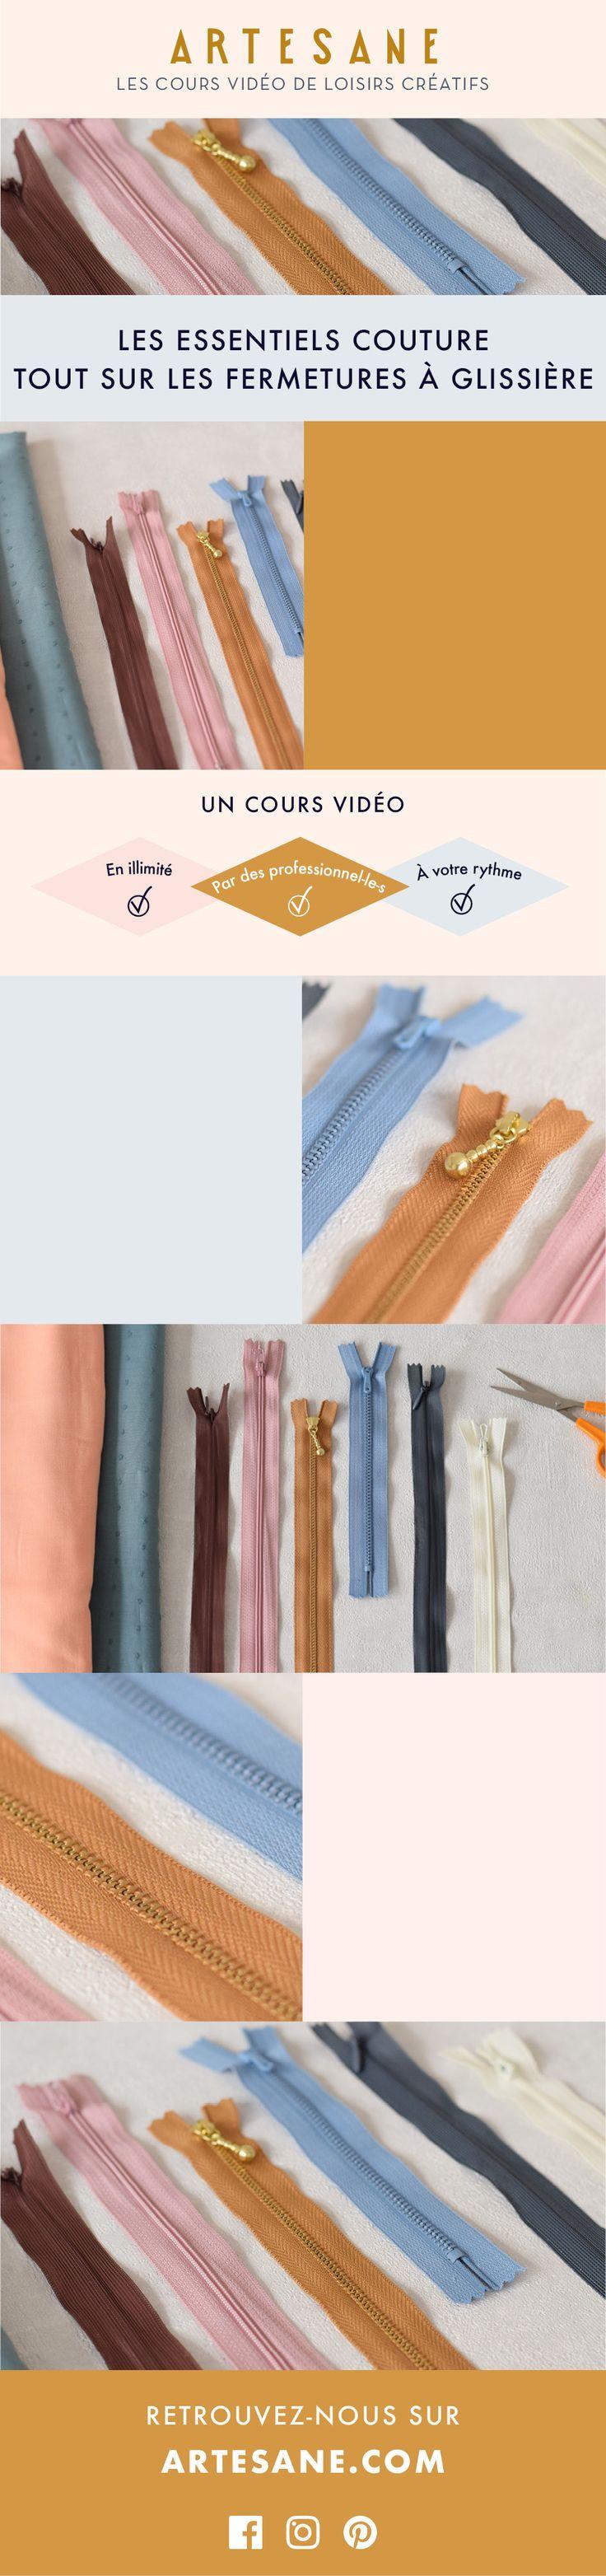 Les essentiels couture, tout sur les fermetures à glissière, un cours de couture sur Artesane.com.  Artesane, le site de cours vidéo de loisirs créatifs.  Apprendre à coudre des fermetures éclairs.